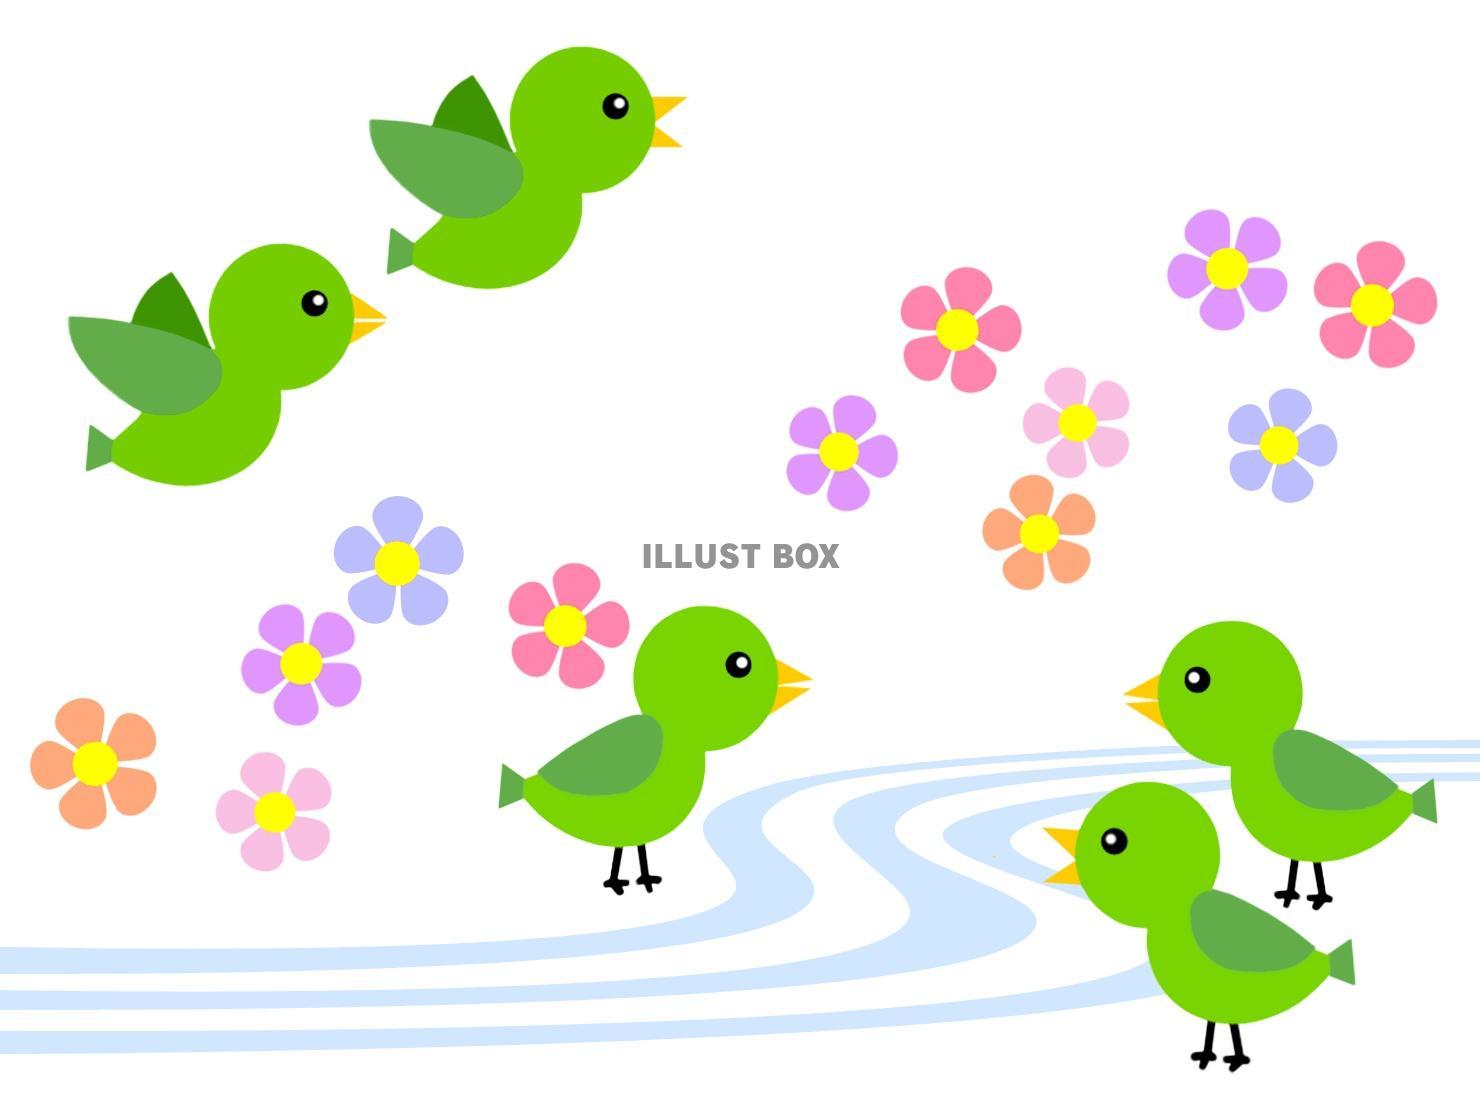 小鳥 イラスト無料